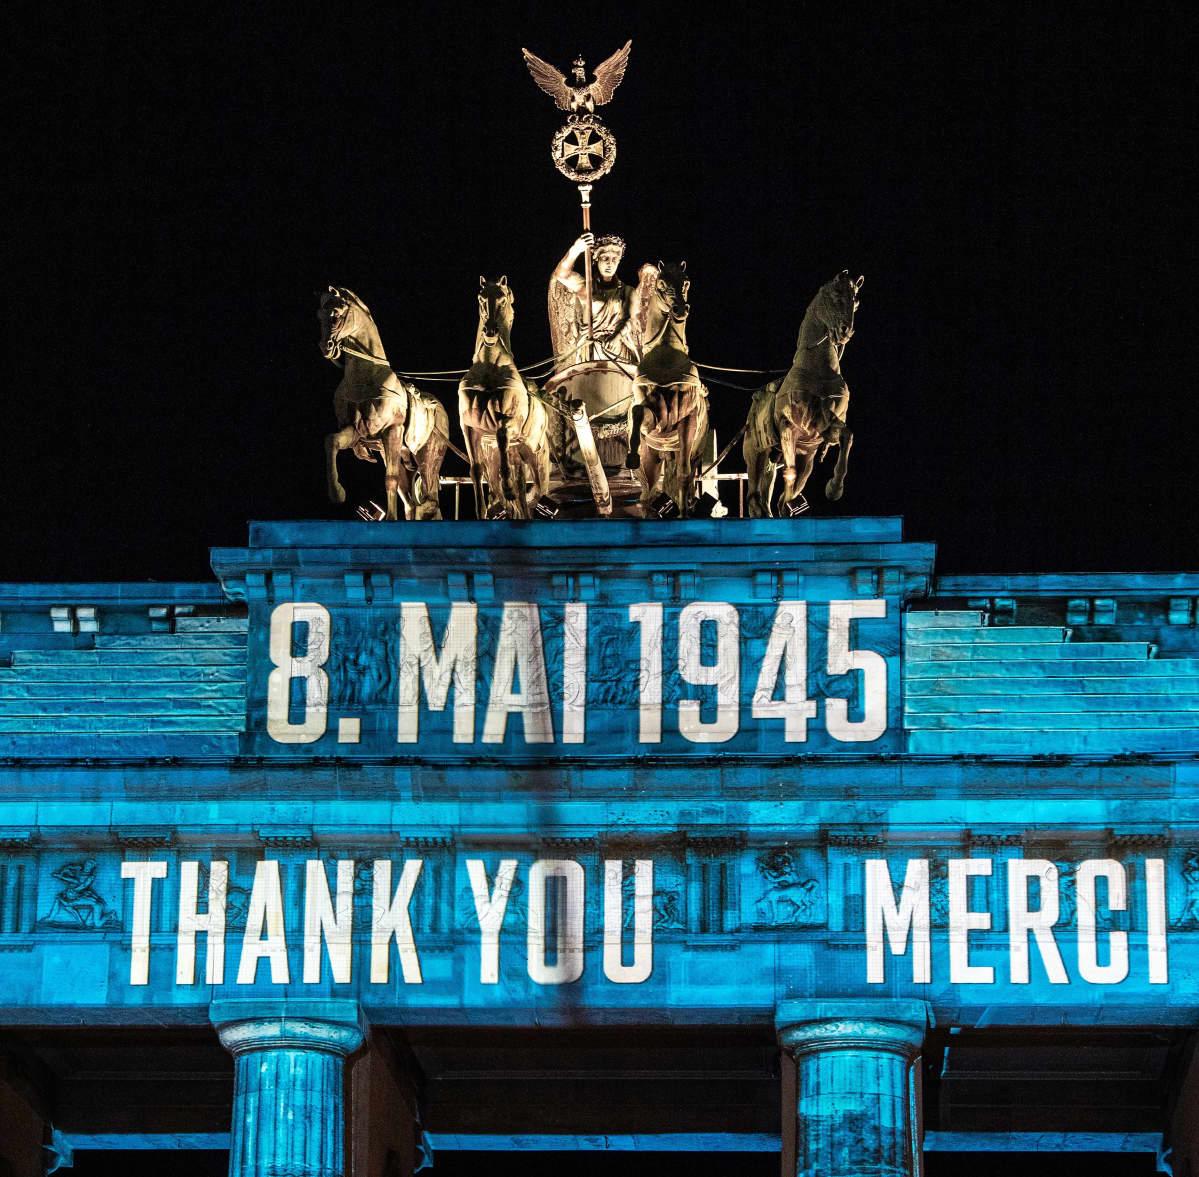 Brandenburgin porttiin on heijastettu teksti 8. Mai 1945 ja sen alla kiitoksia eri kielillä. Kuvassa näkyy englanniksi THANK YOU ja ranskaksi MERCI.